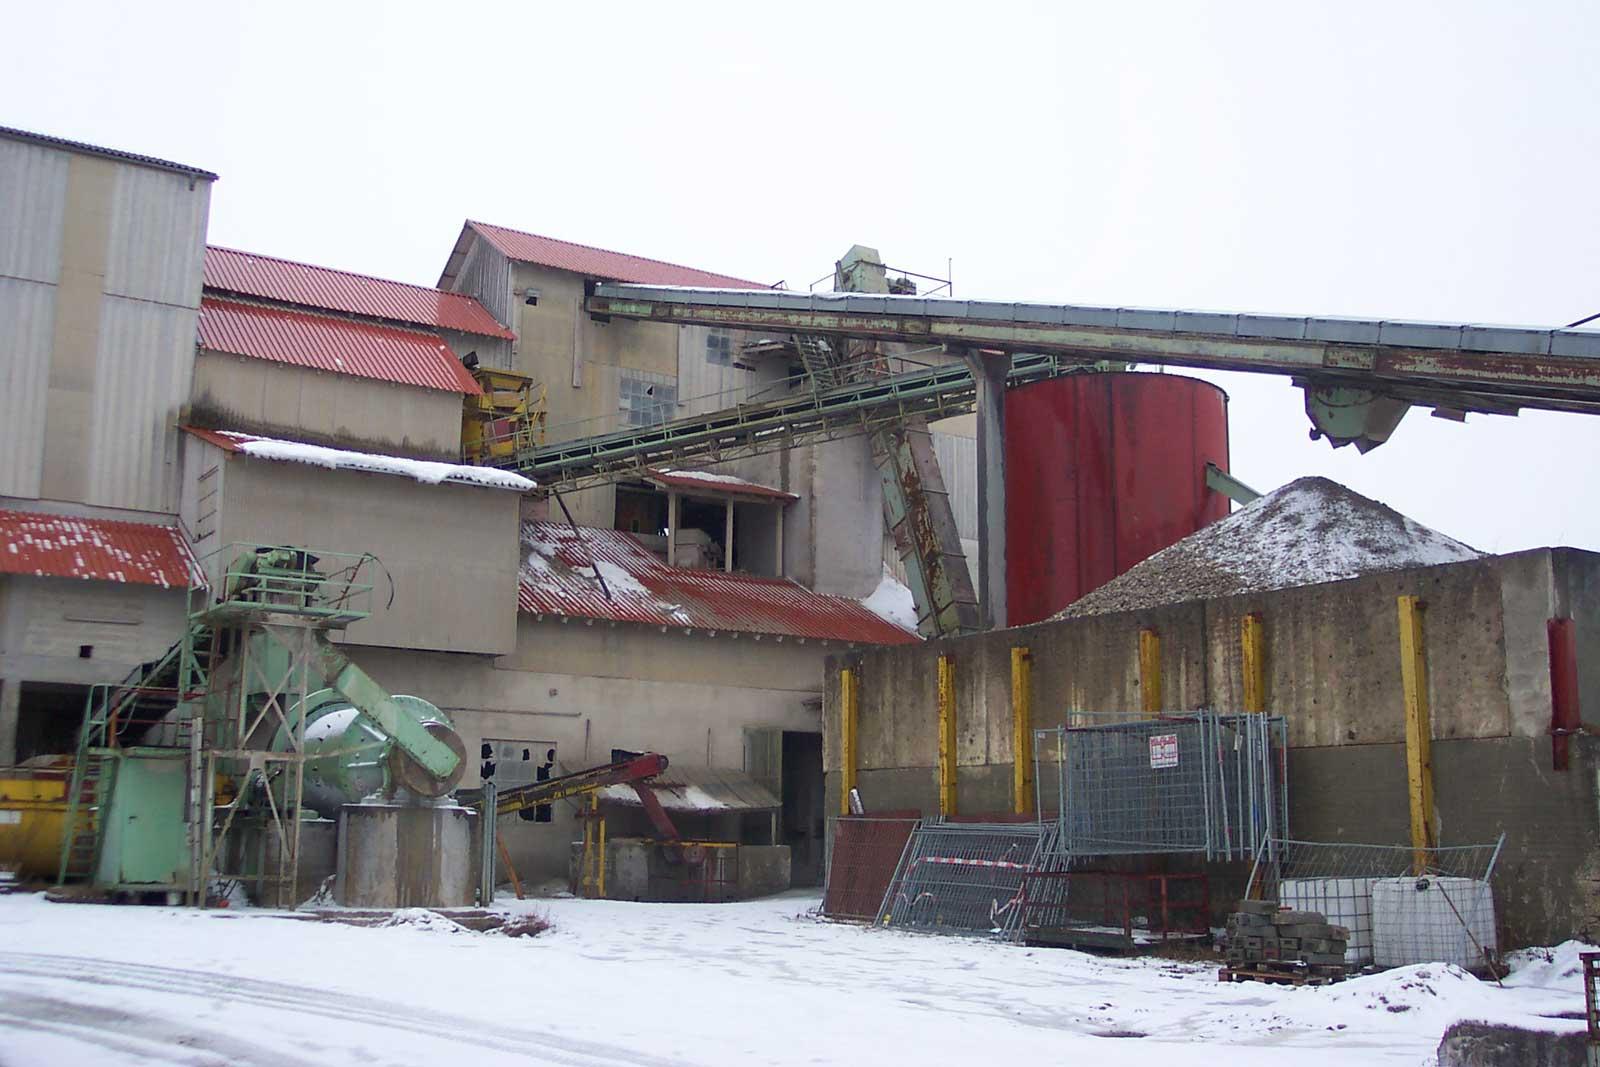 Baufirmen Augsburg klaus bau gmbh co kg augsburg seite 4 baufirmen